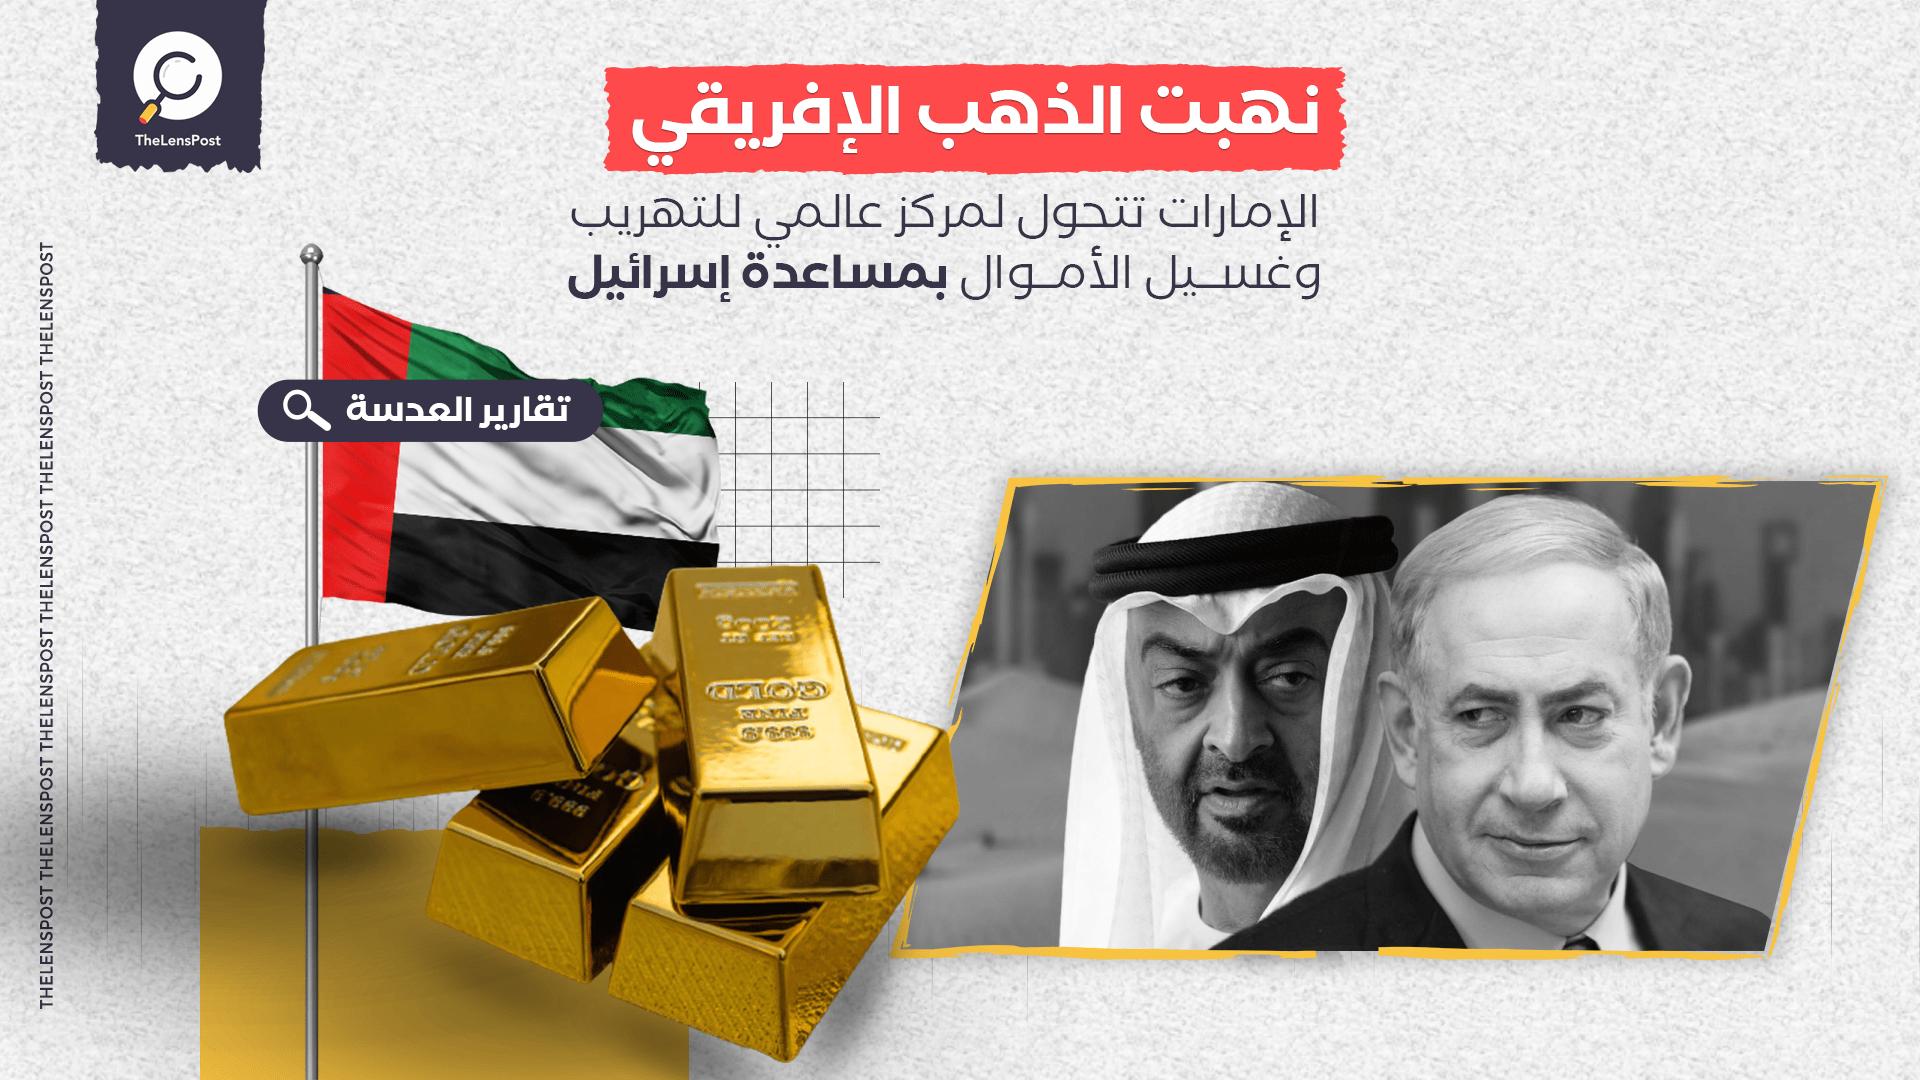 نهبت الذهب الإفريقي.. الإمارات تتحول لمركز عالمي للتهريب وغسيل الأموال بمساعدة إسرائيل